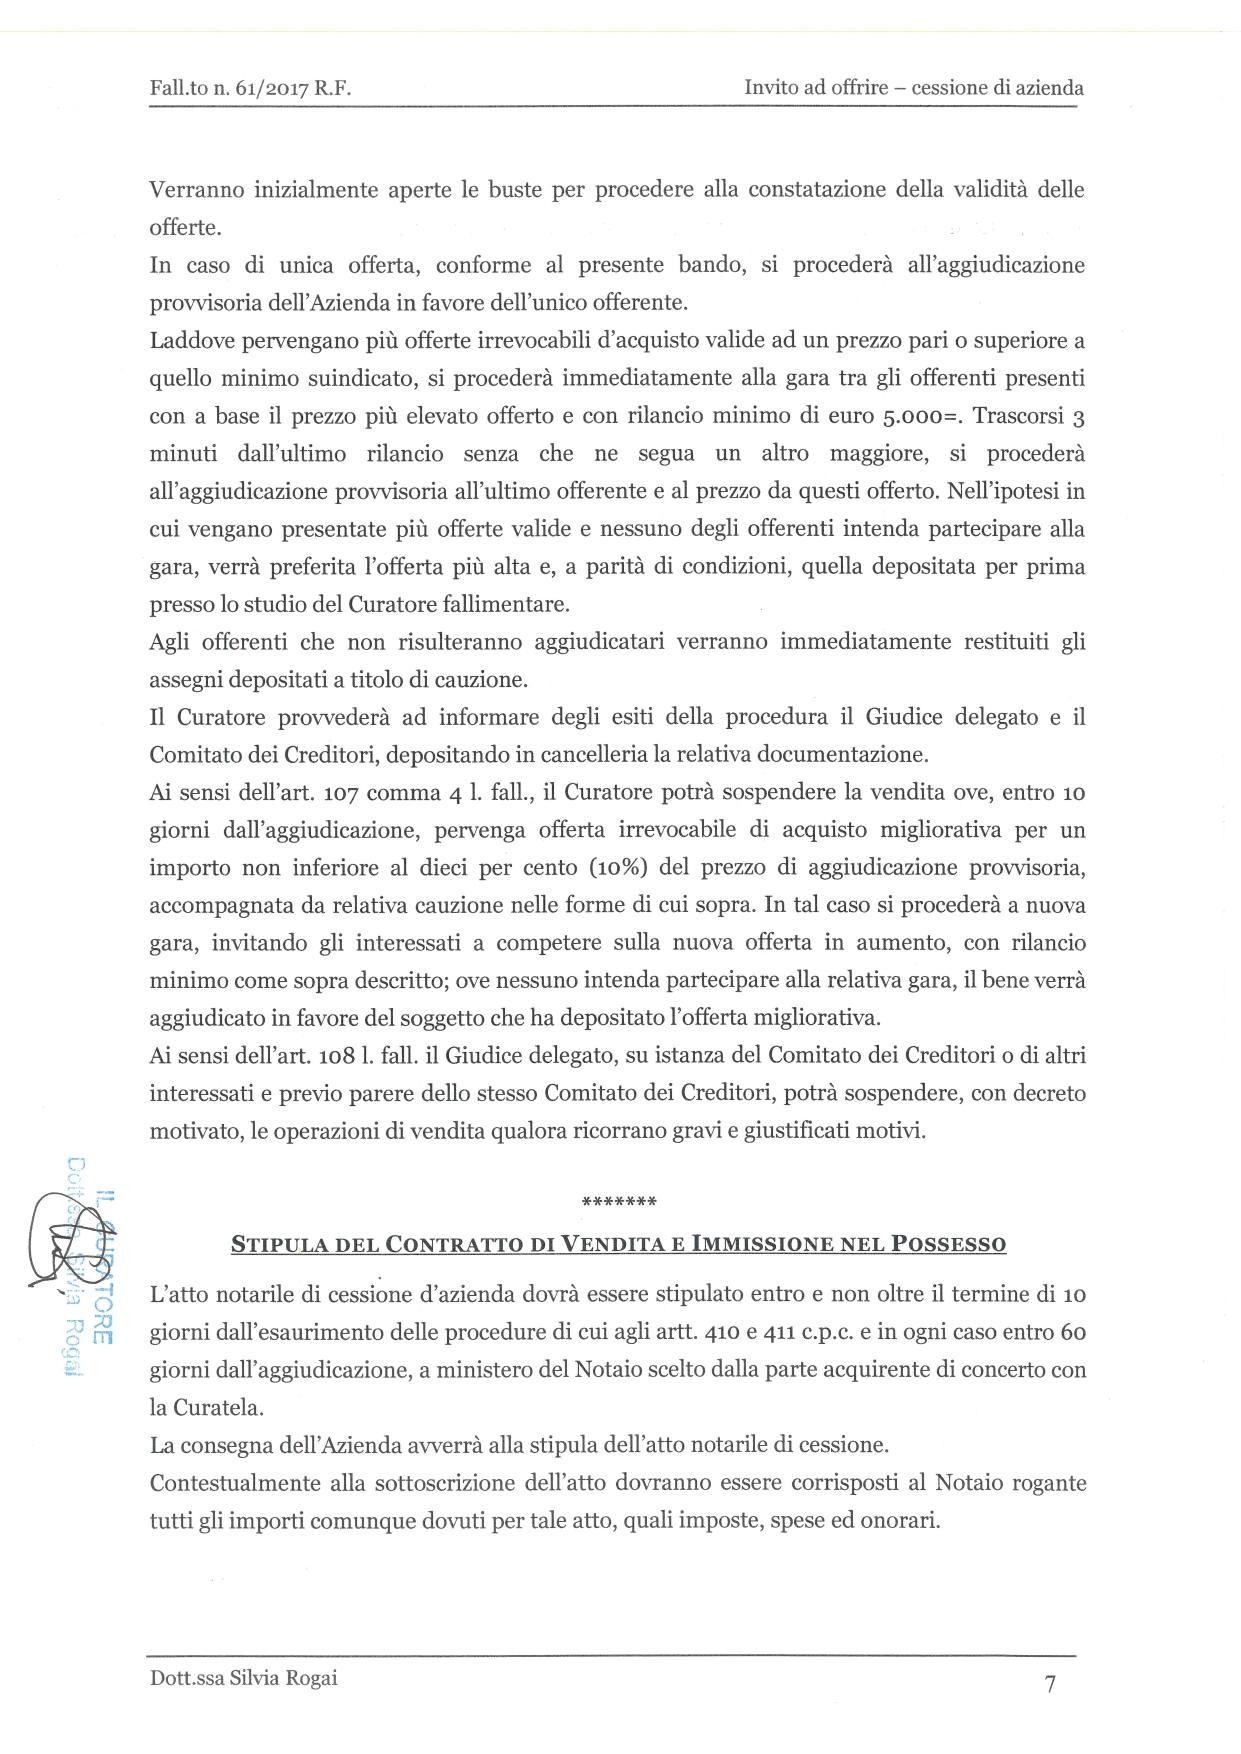 Fall. 61/2017 Trib. di Prato - Cessione azienda operat in vendita - foto 7